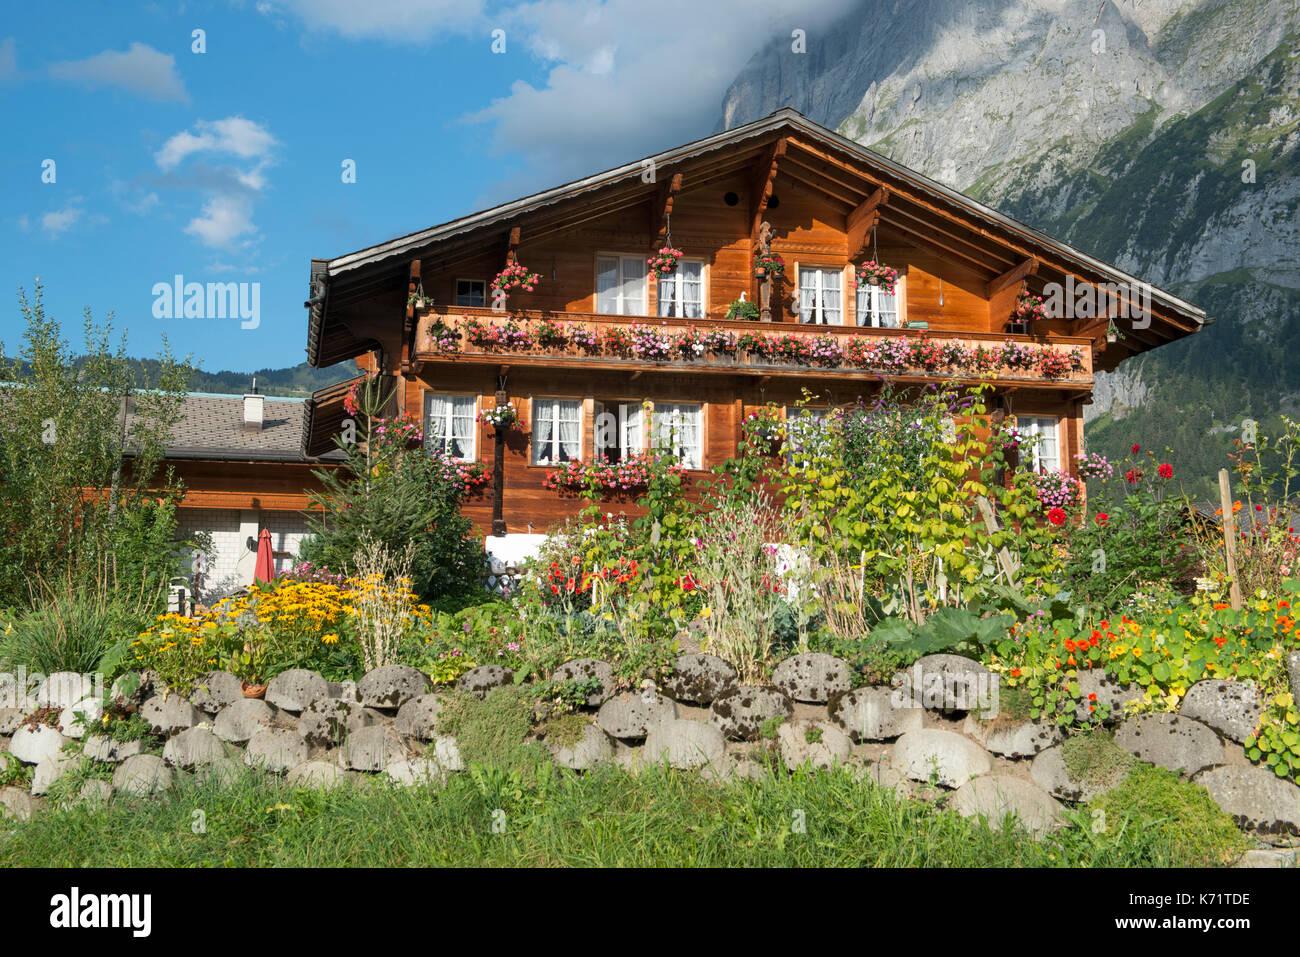 Traditionelle Holz- Alpine House mit Grindelwald, Schweiz Stockbild